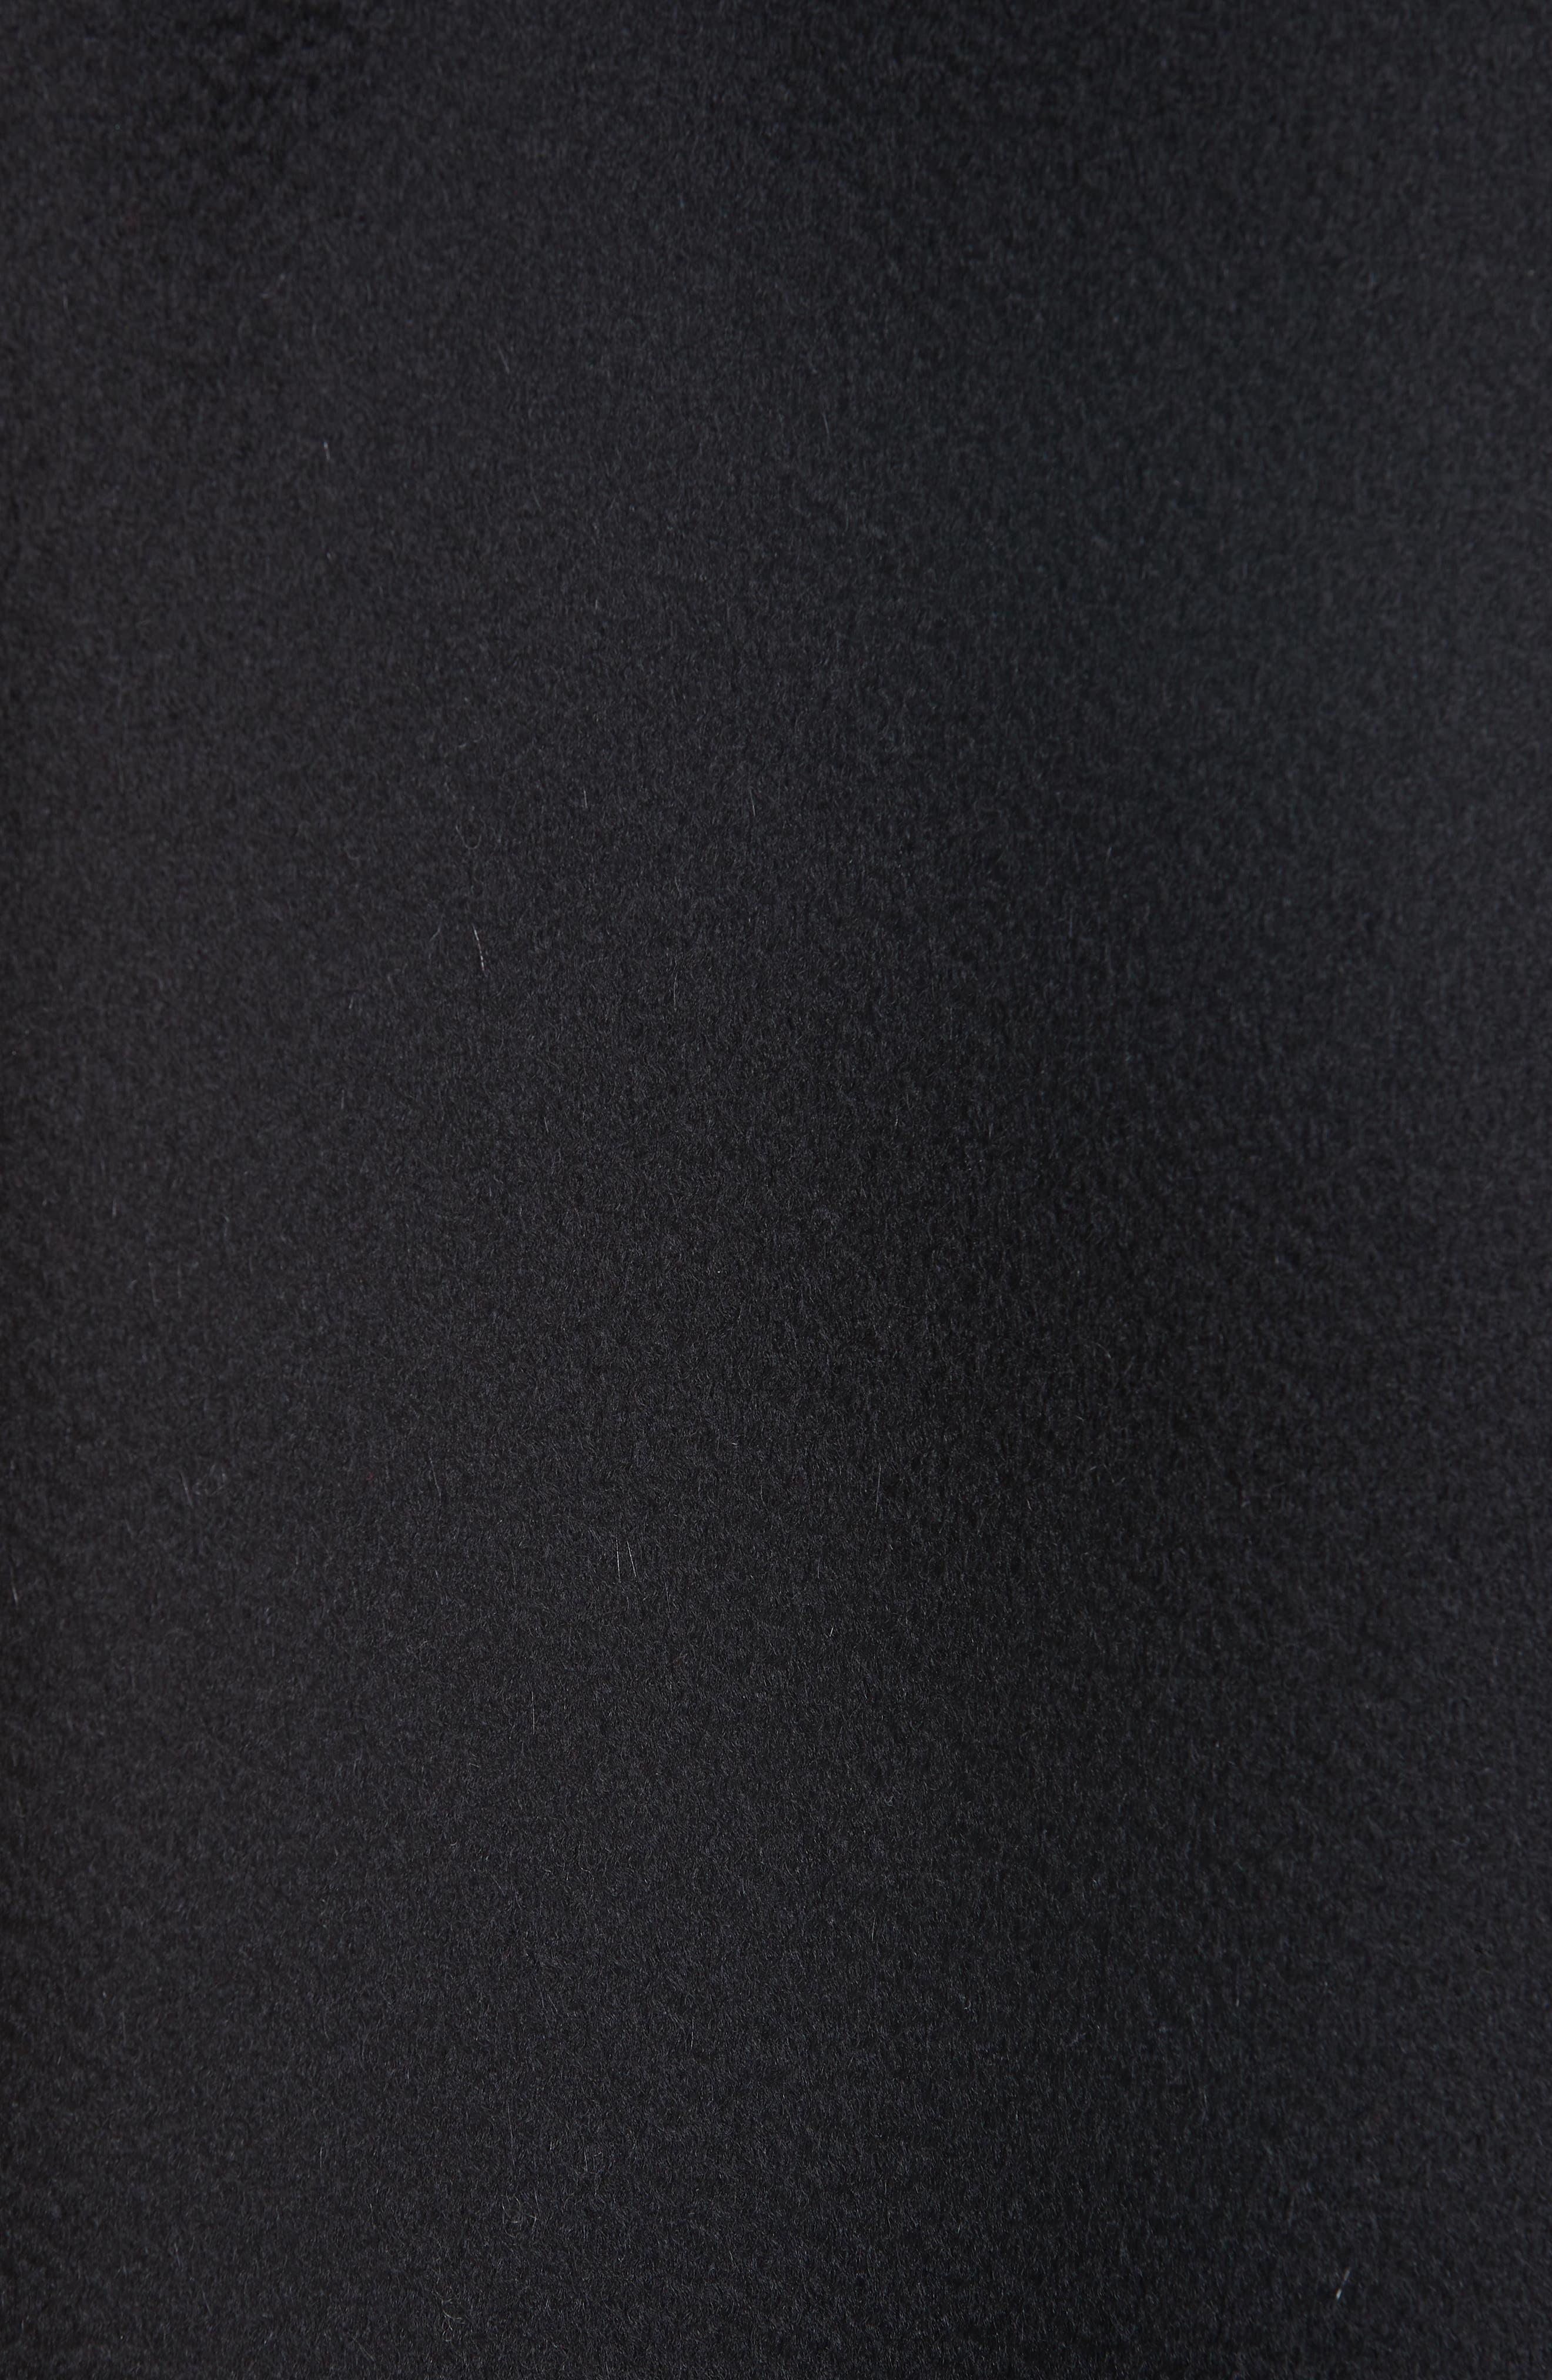 MANSUR GAVRIEL,                             Longline Cashmere Coat,                             Alternate thumbnail 6, color,                             001